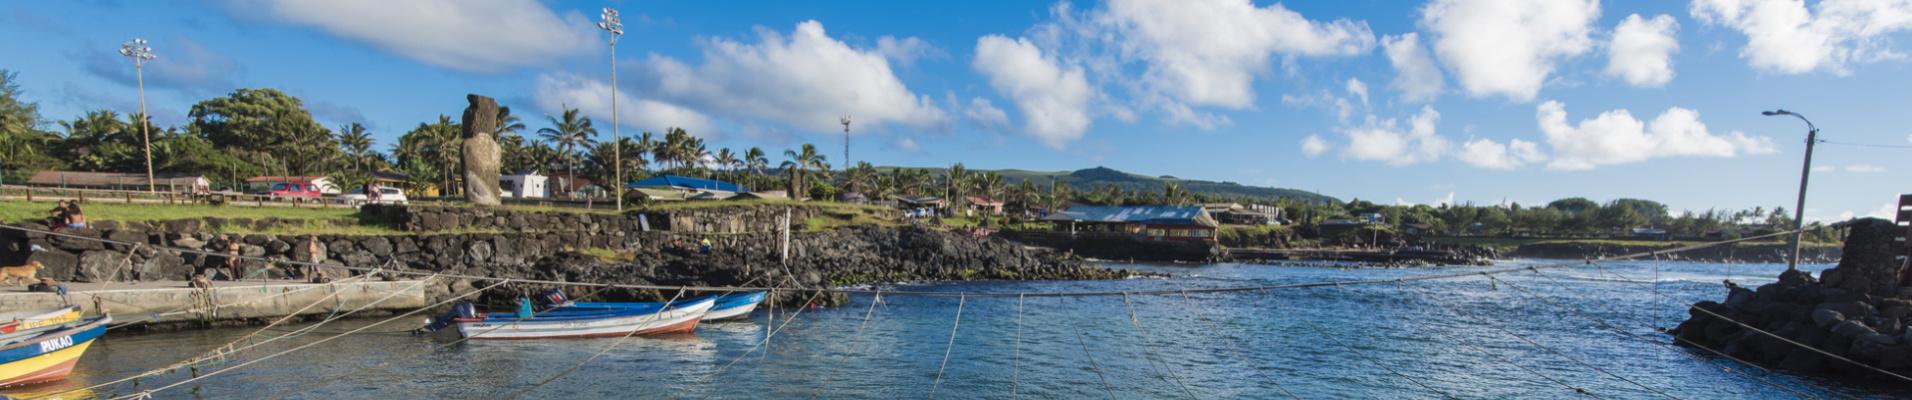 Bateaux de pêcheurs, Hanga Roa